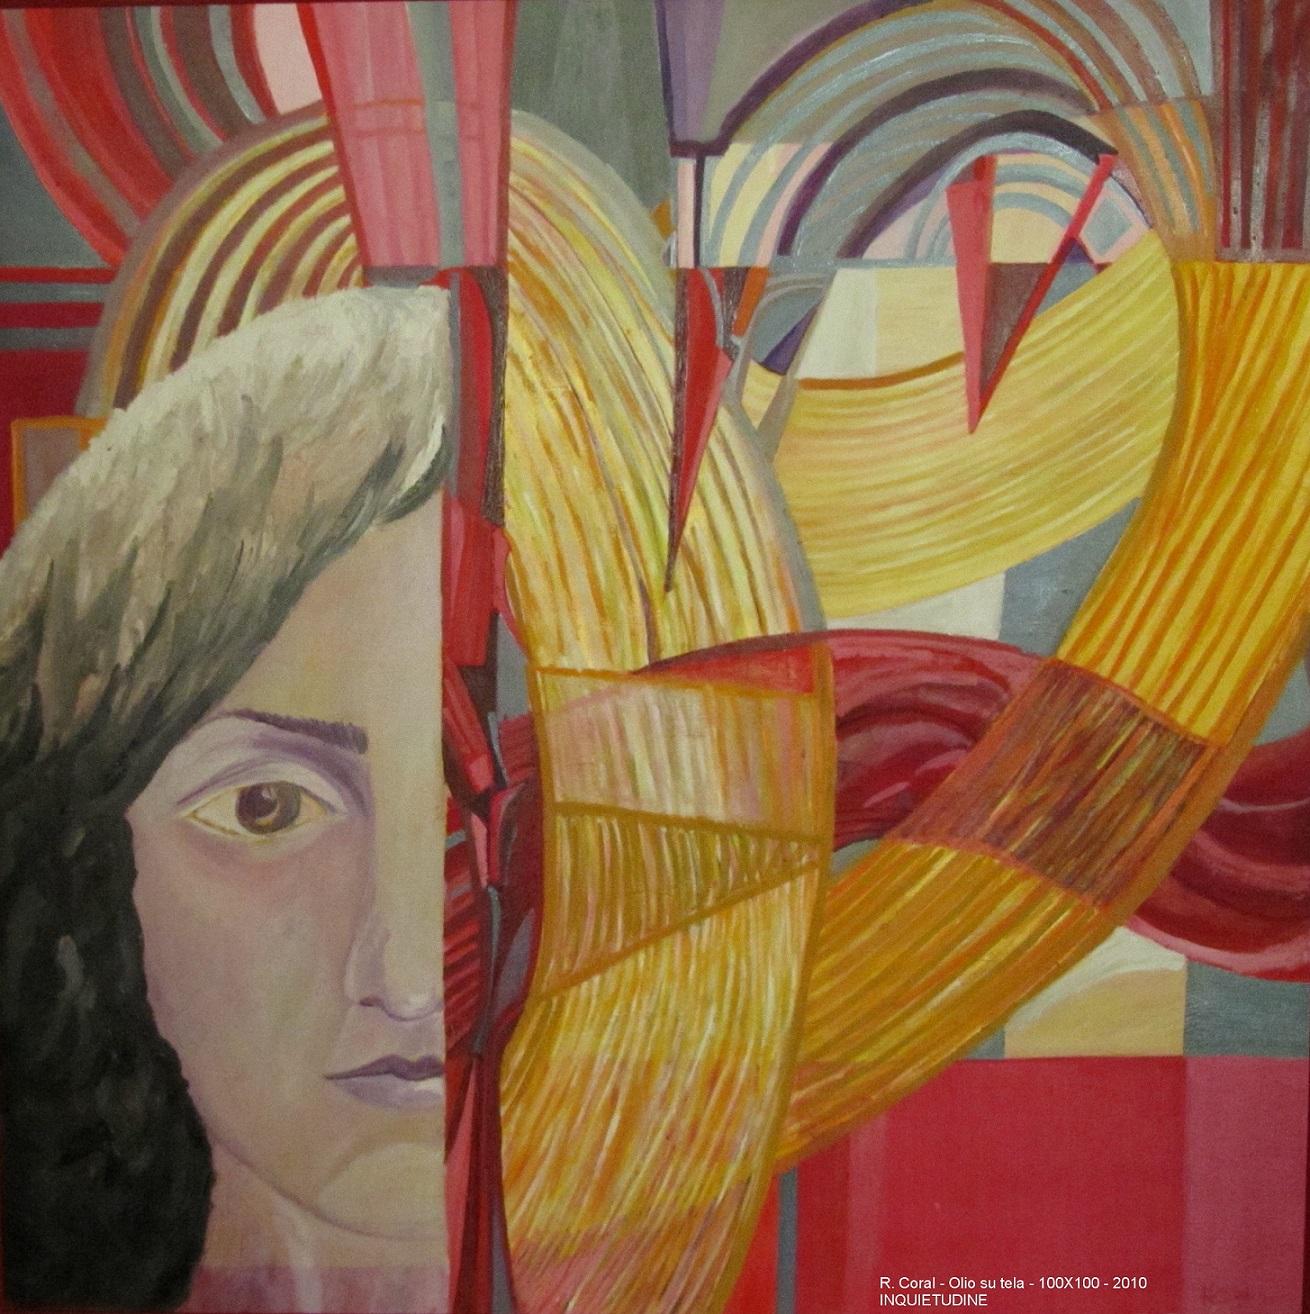 L'Angolo di Marta Lock: Roberta Coral, tra Futurismo e Cubismo Orfico per osservare le inquietudini